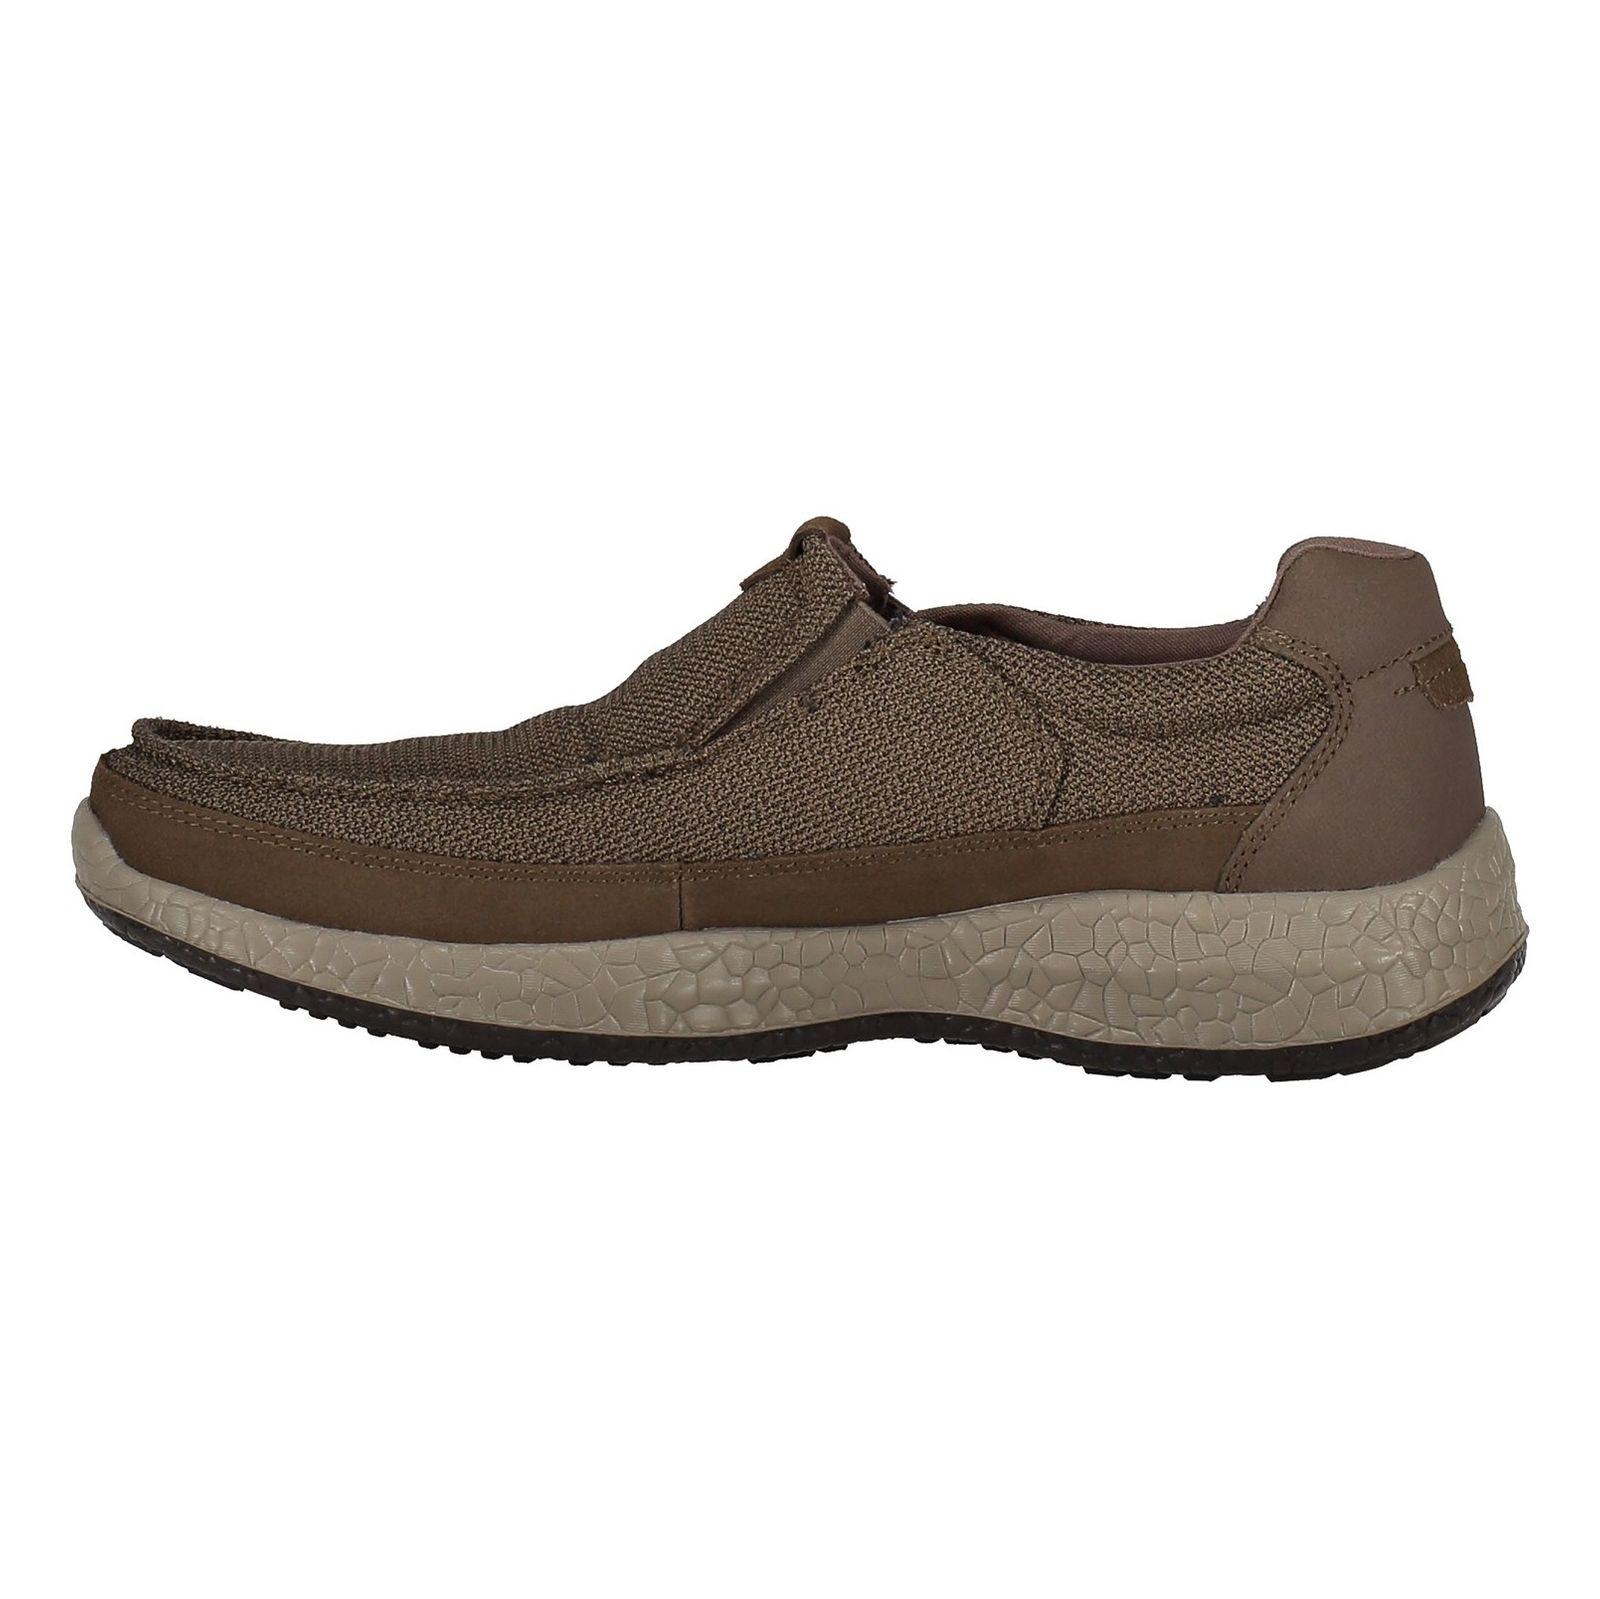 کفش راحتی پارچه ای مردانه Bursen Kinto - اسکچرز - قهوه اي روشن - 3